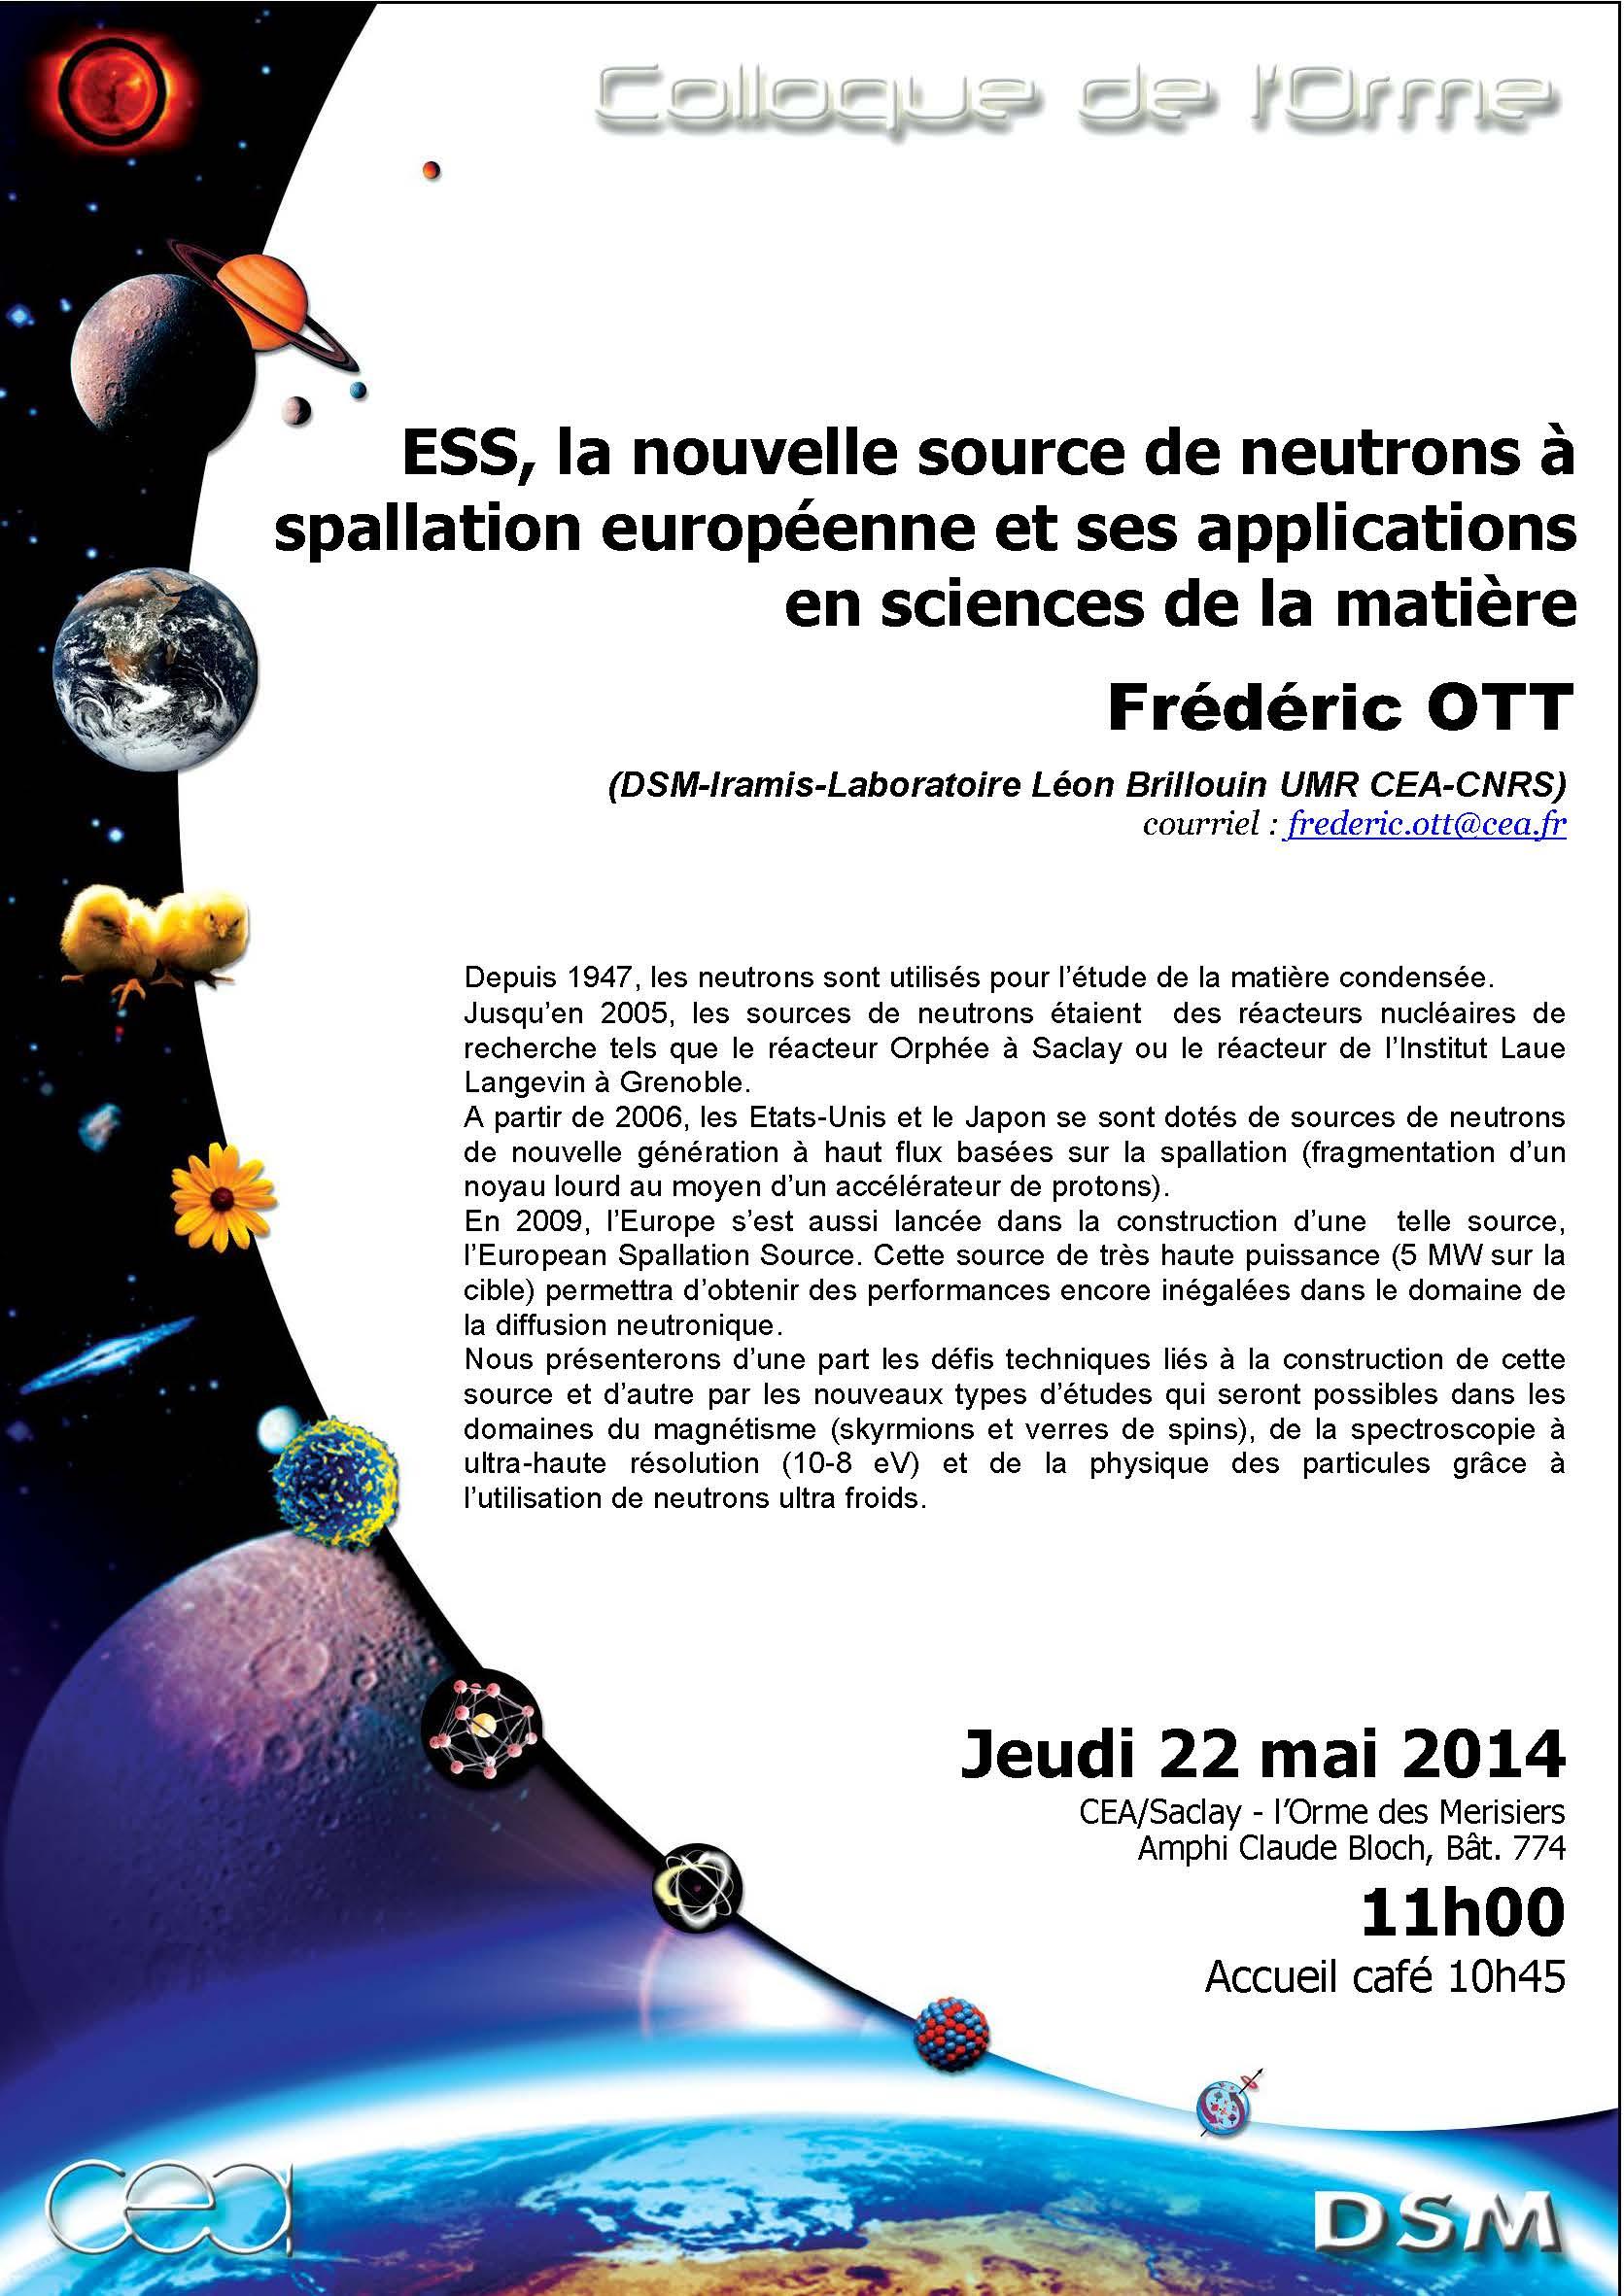 ESS, la nouvelle source de neutrons à spallation européenne et ses applications en sciences de la matière-colloque de l'Orme